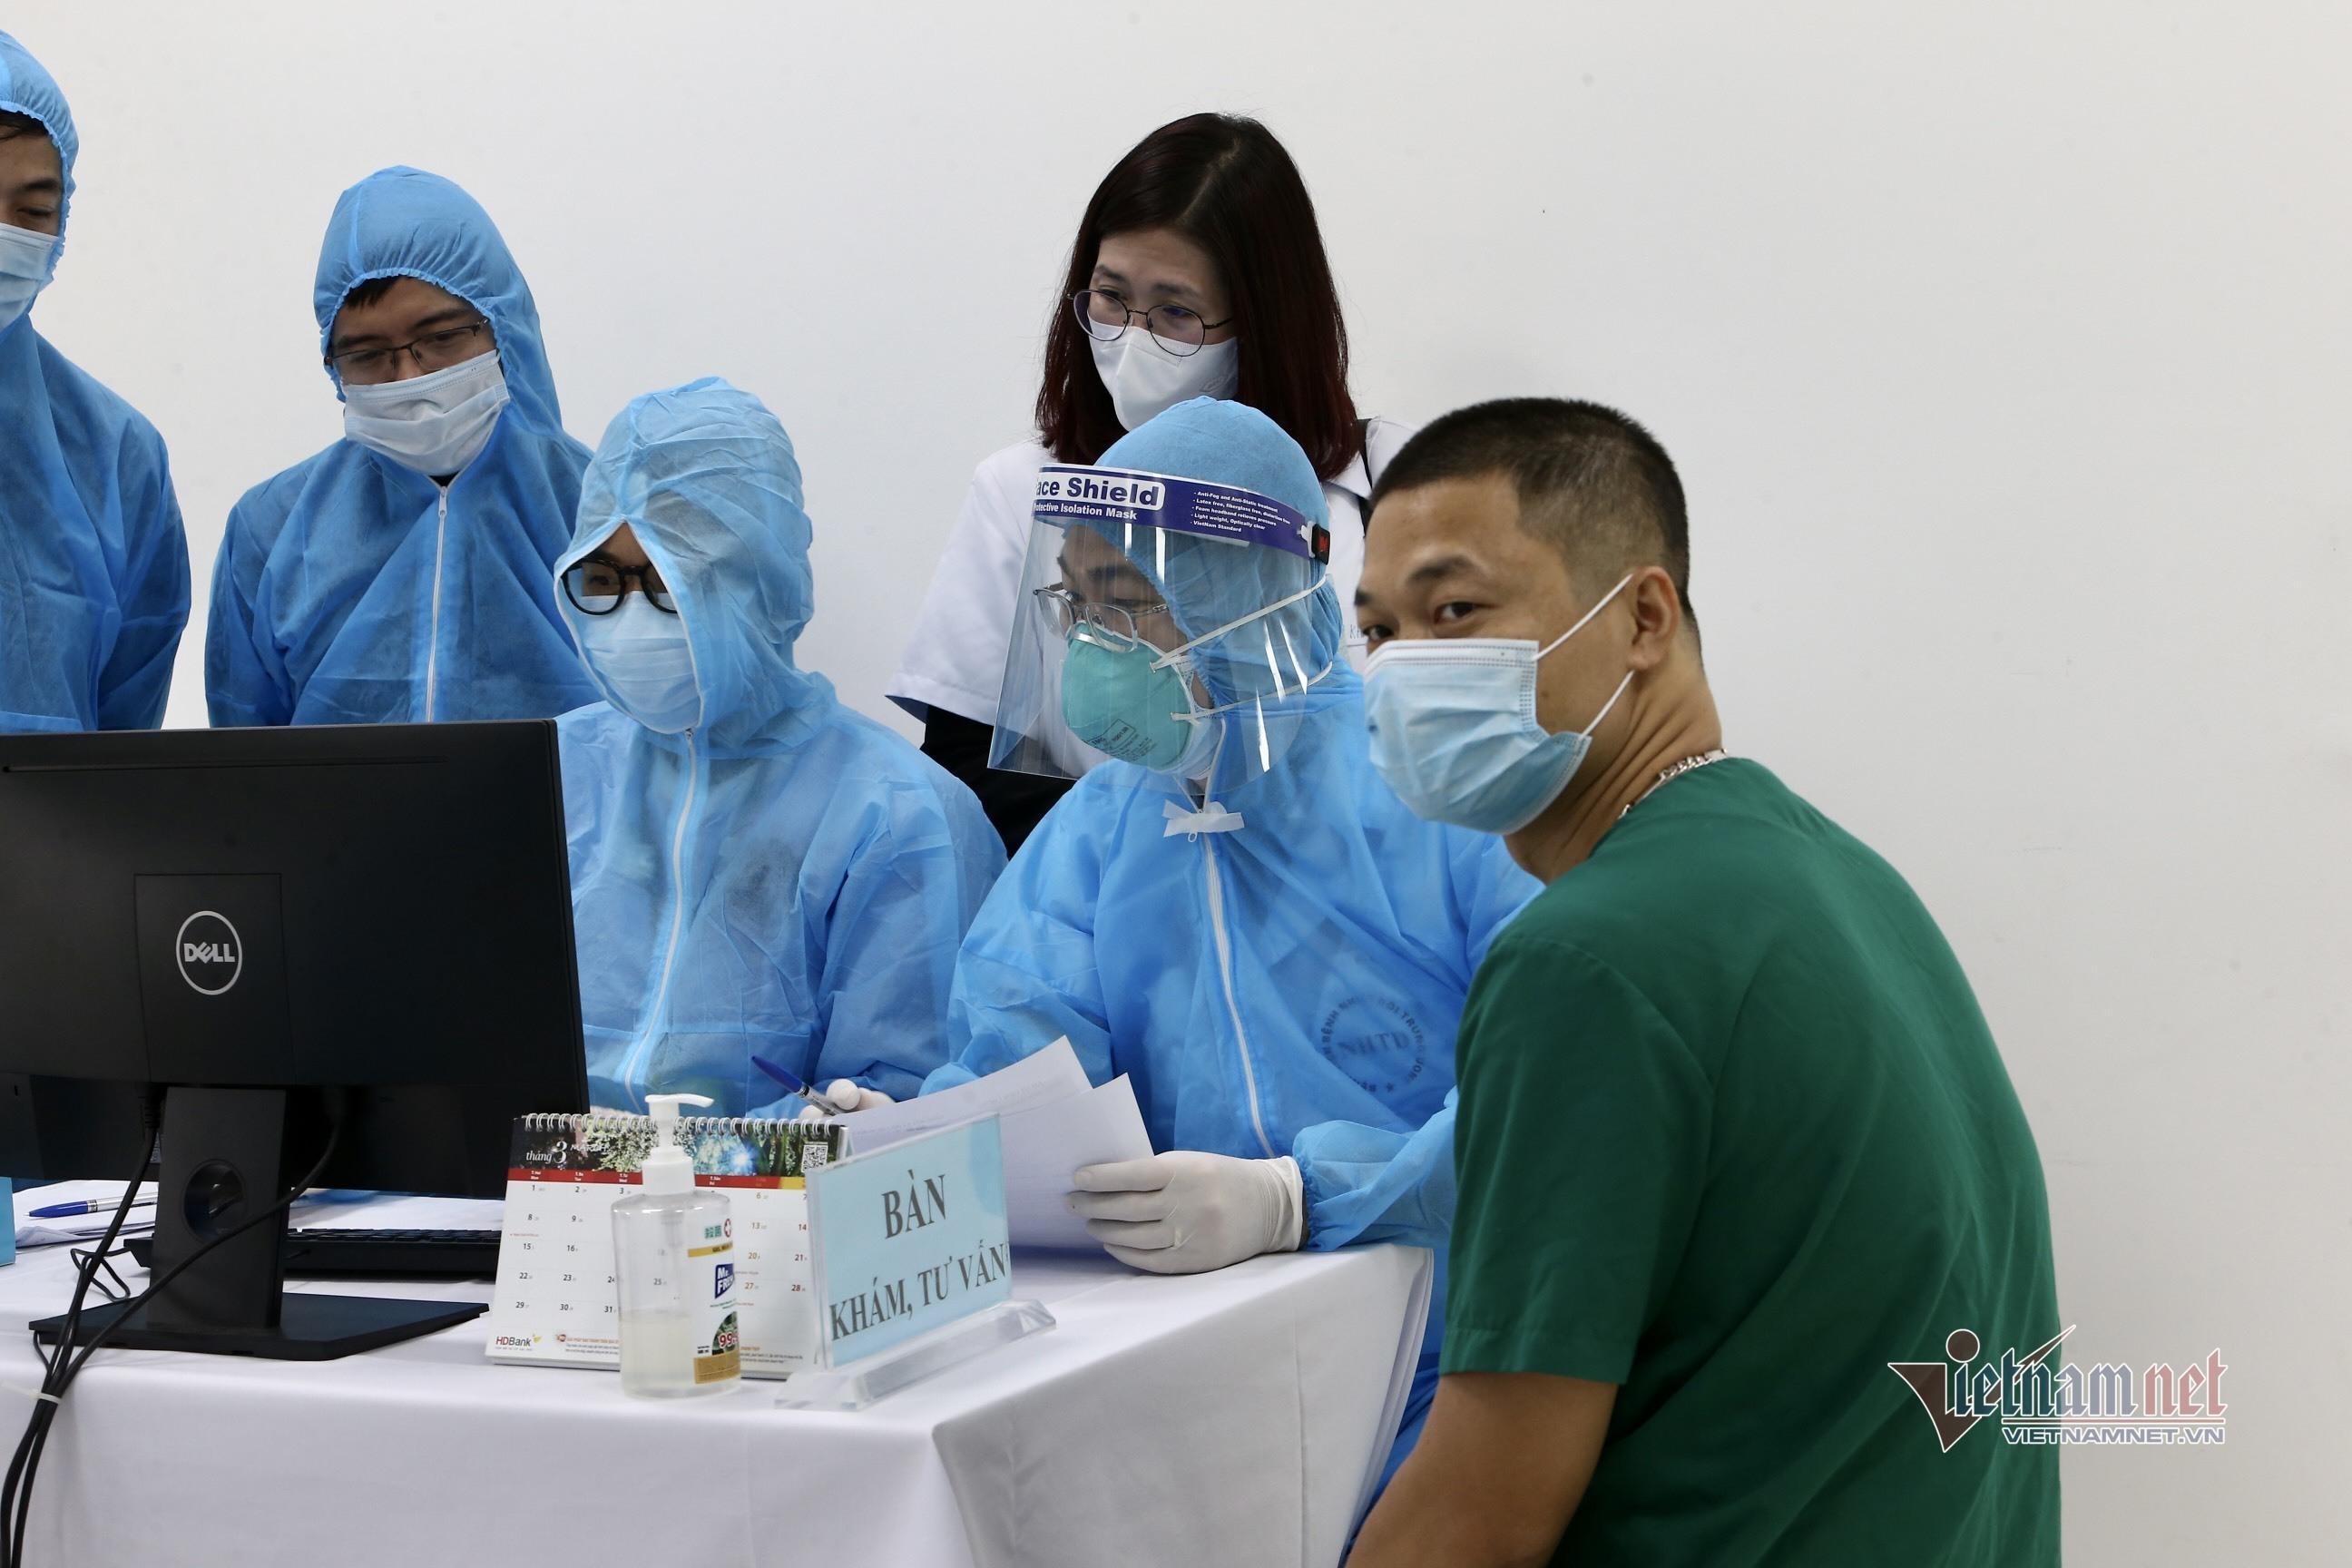 Năm người xuất hiện phản ứng  phụ sau tiêm vắc xin Covid-19